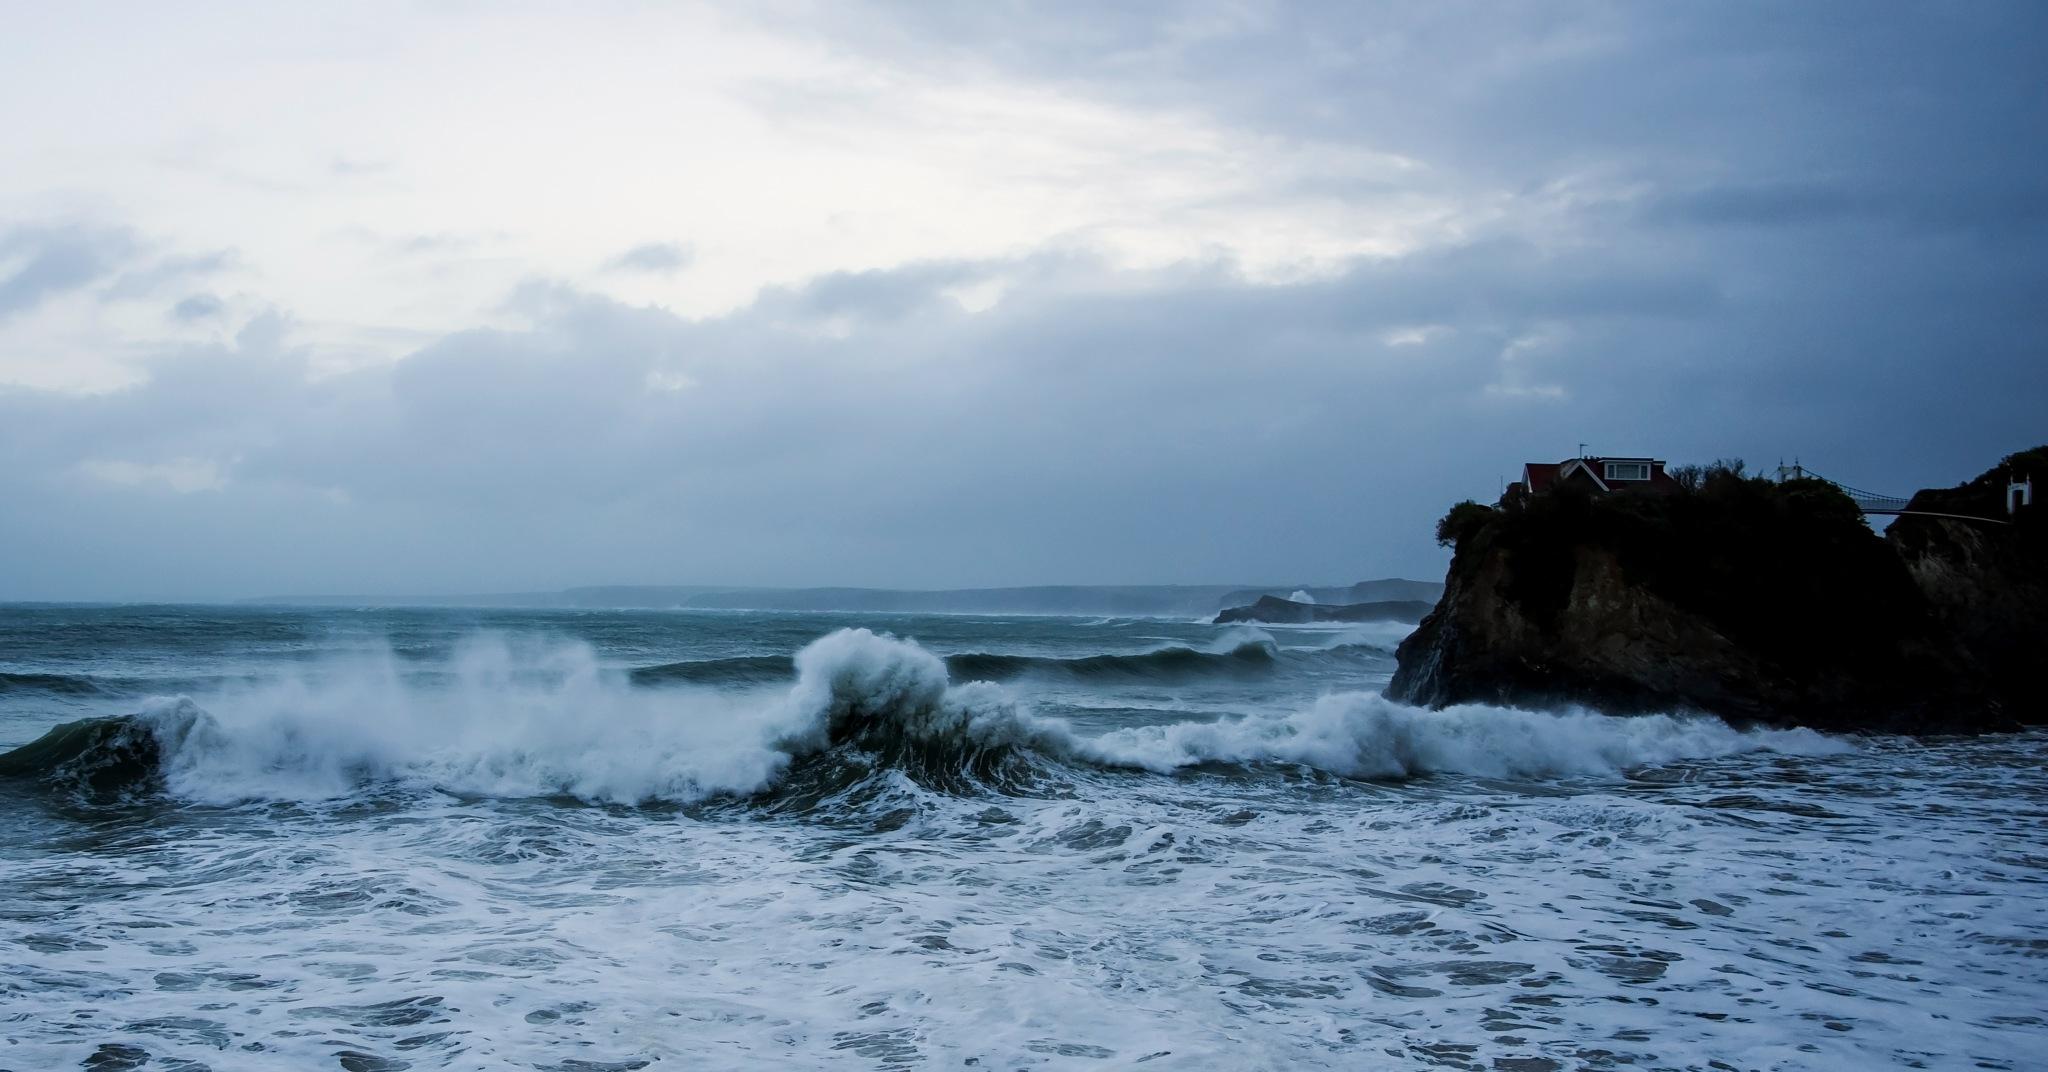 Meeting waves by MADOLDIE